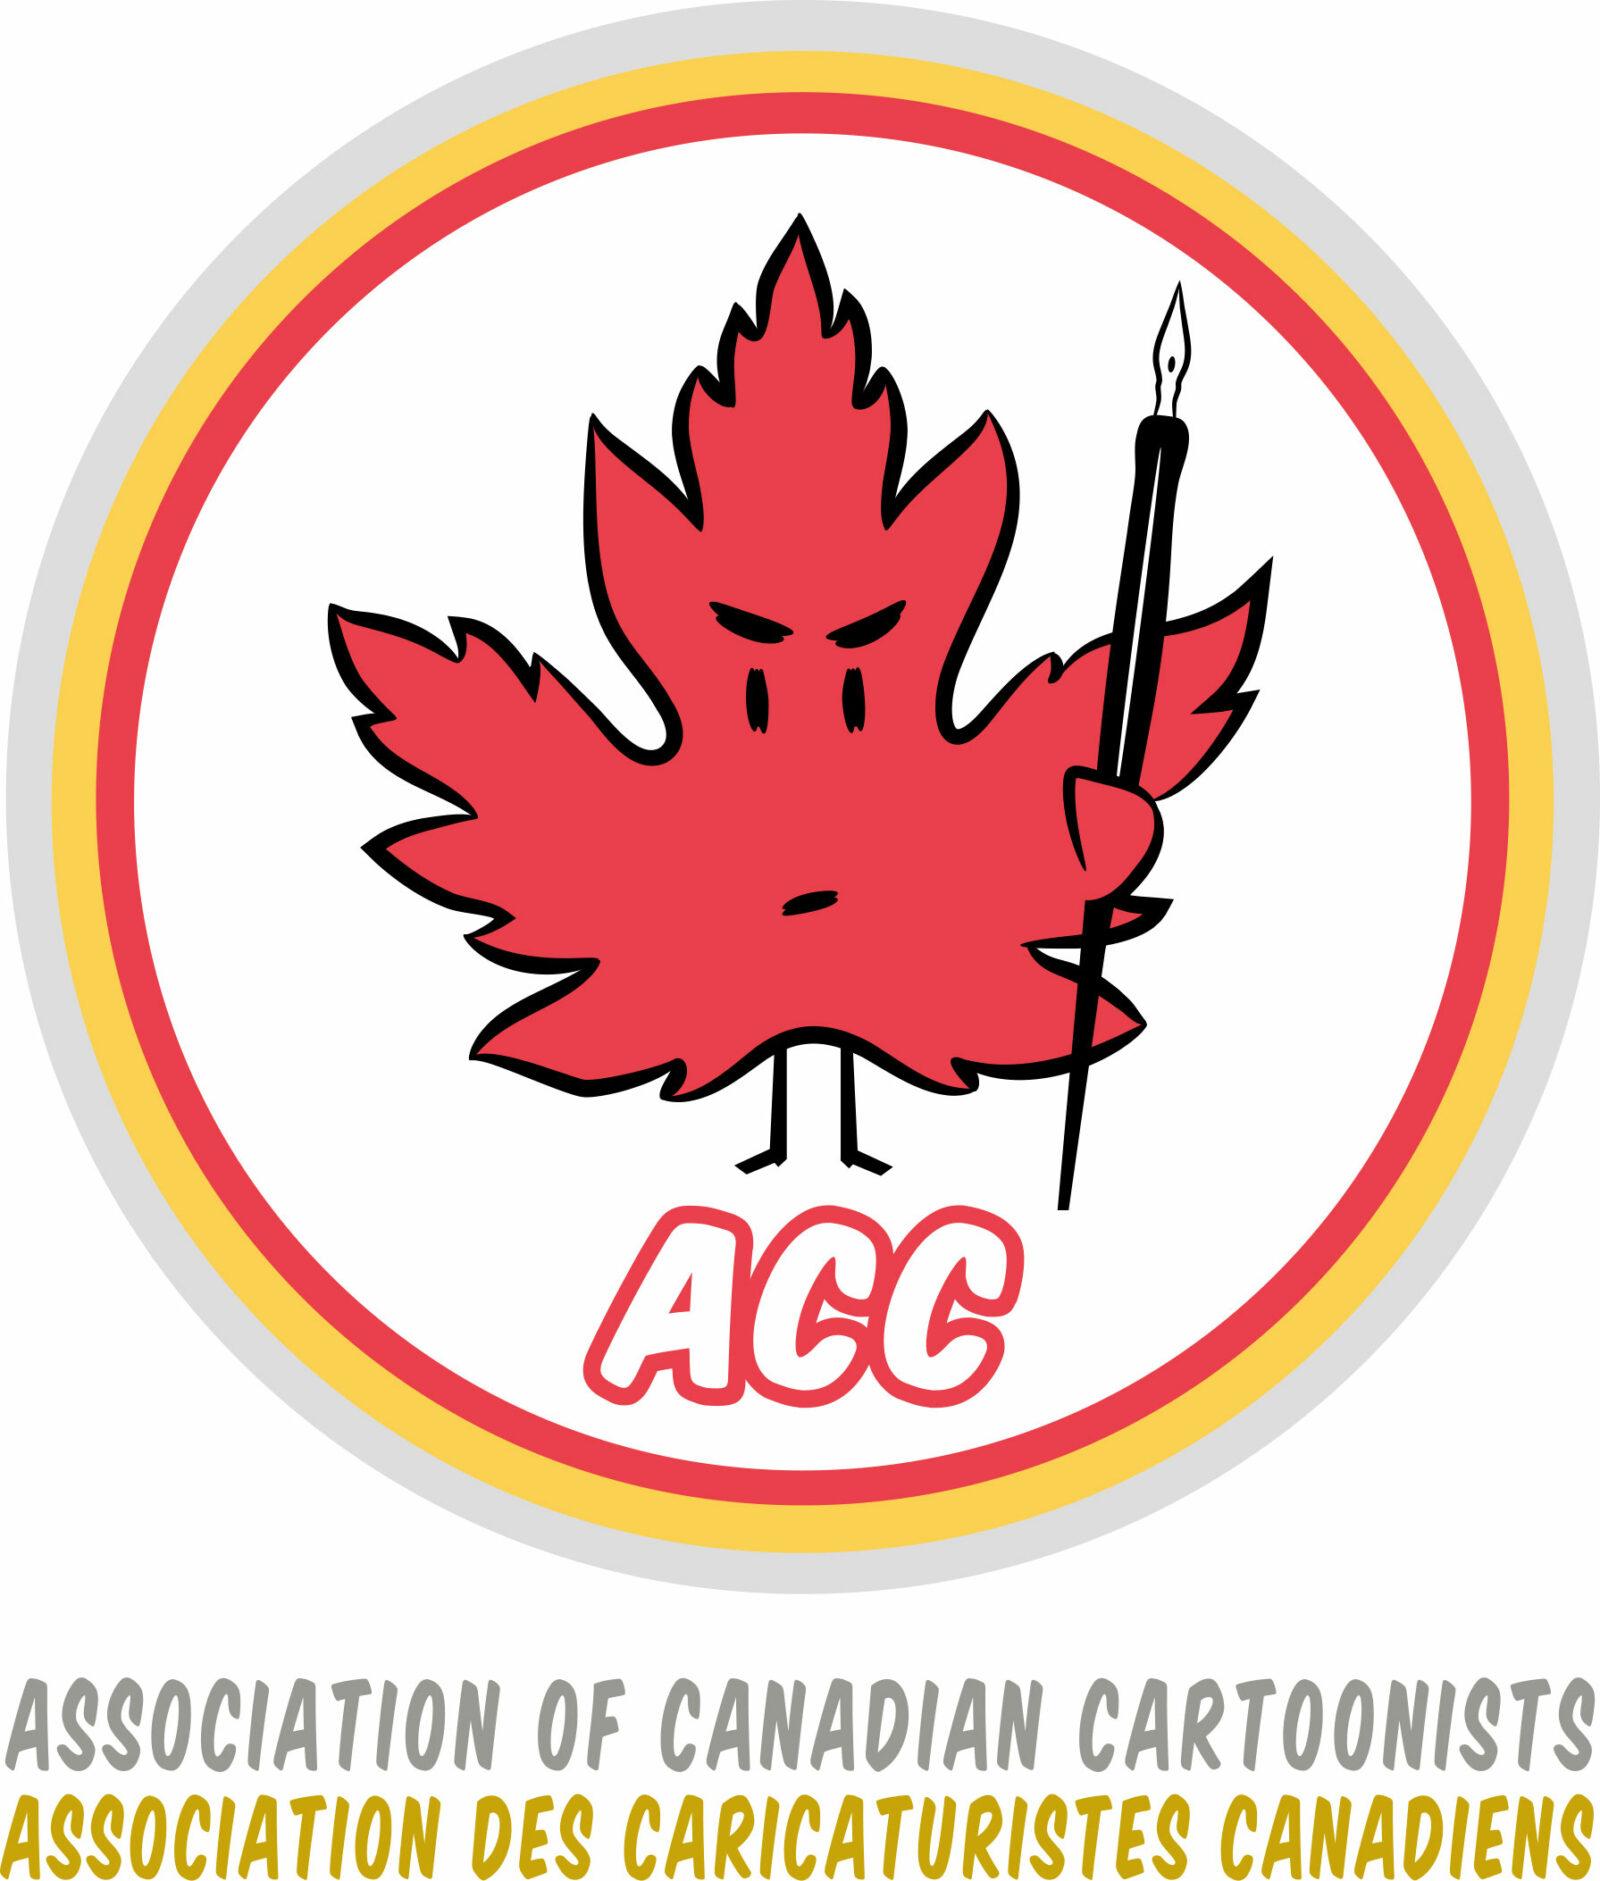 Association des caricaturistes canadiens